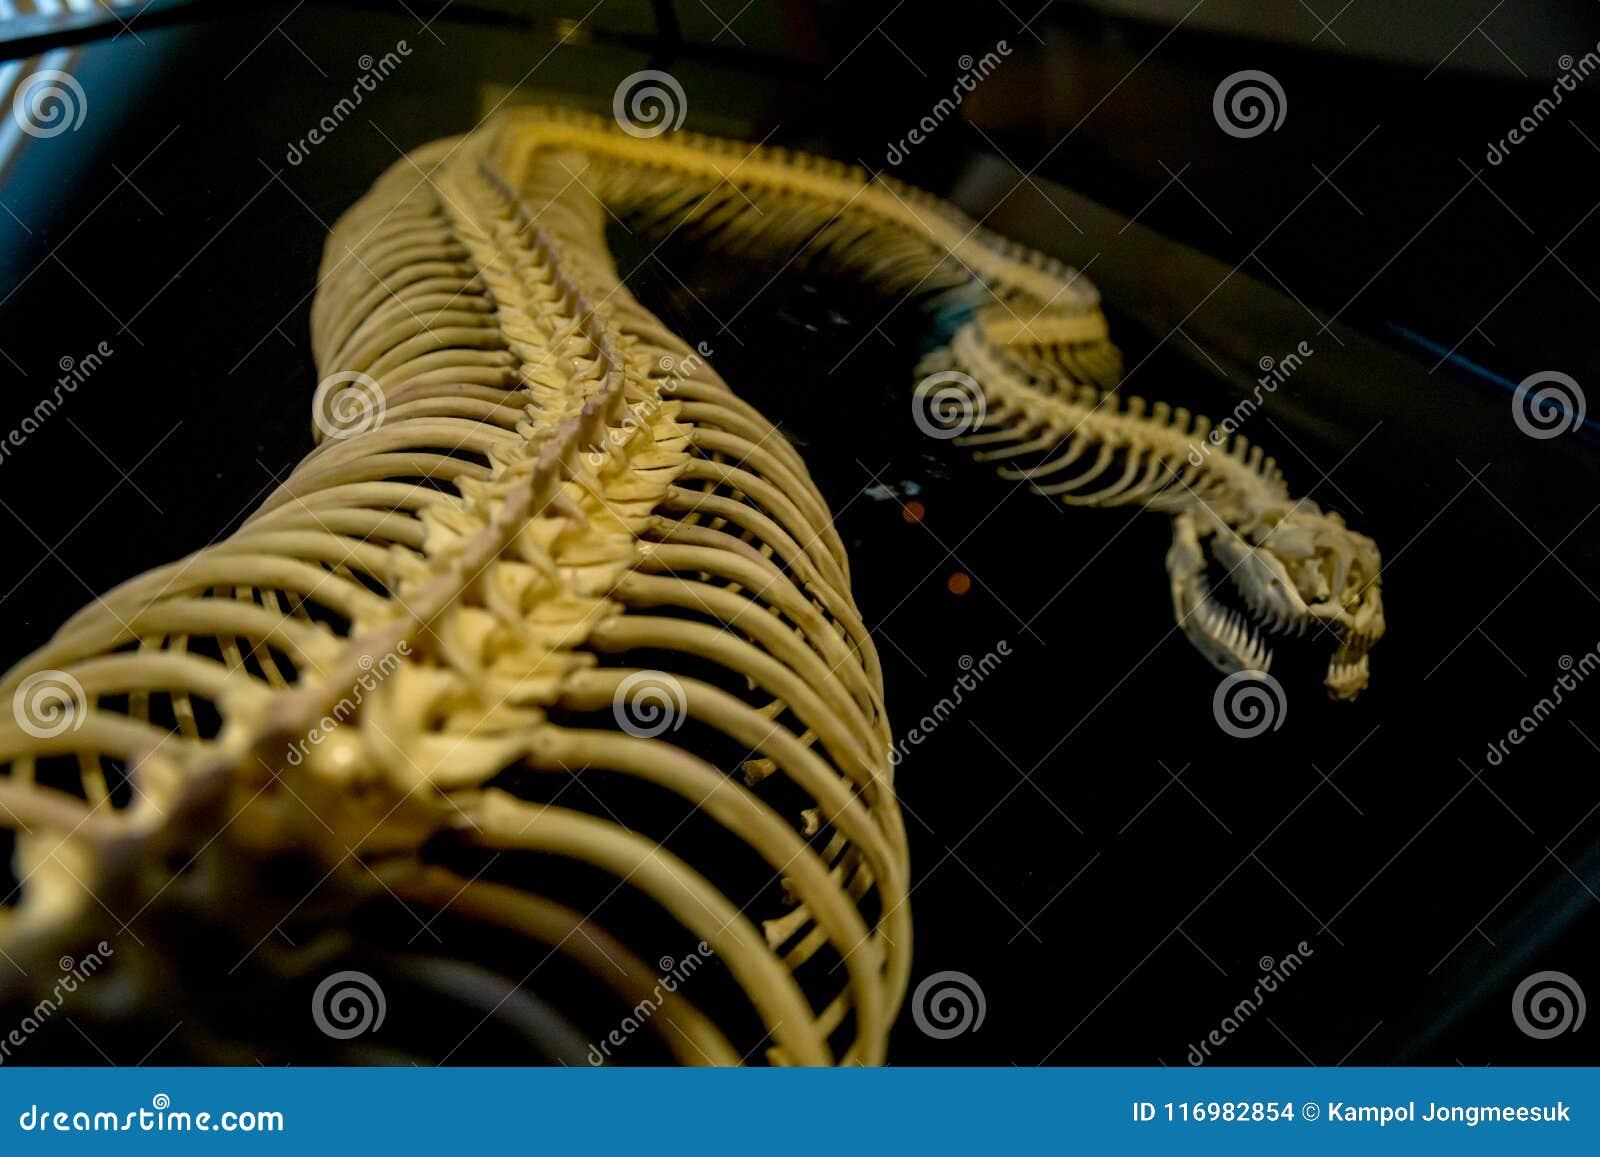 El Esqueleto De La Serpiente En El Fondo Negro Foto de archivo ...